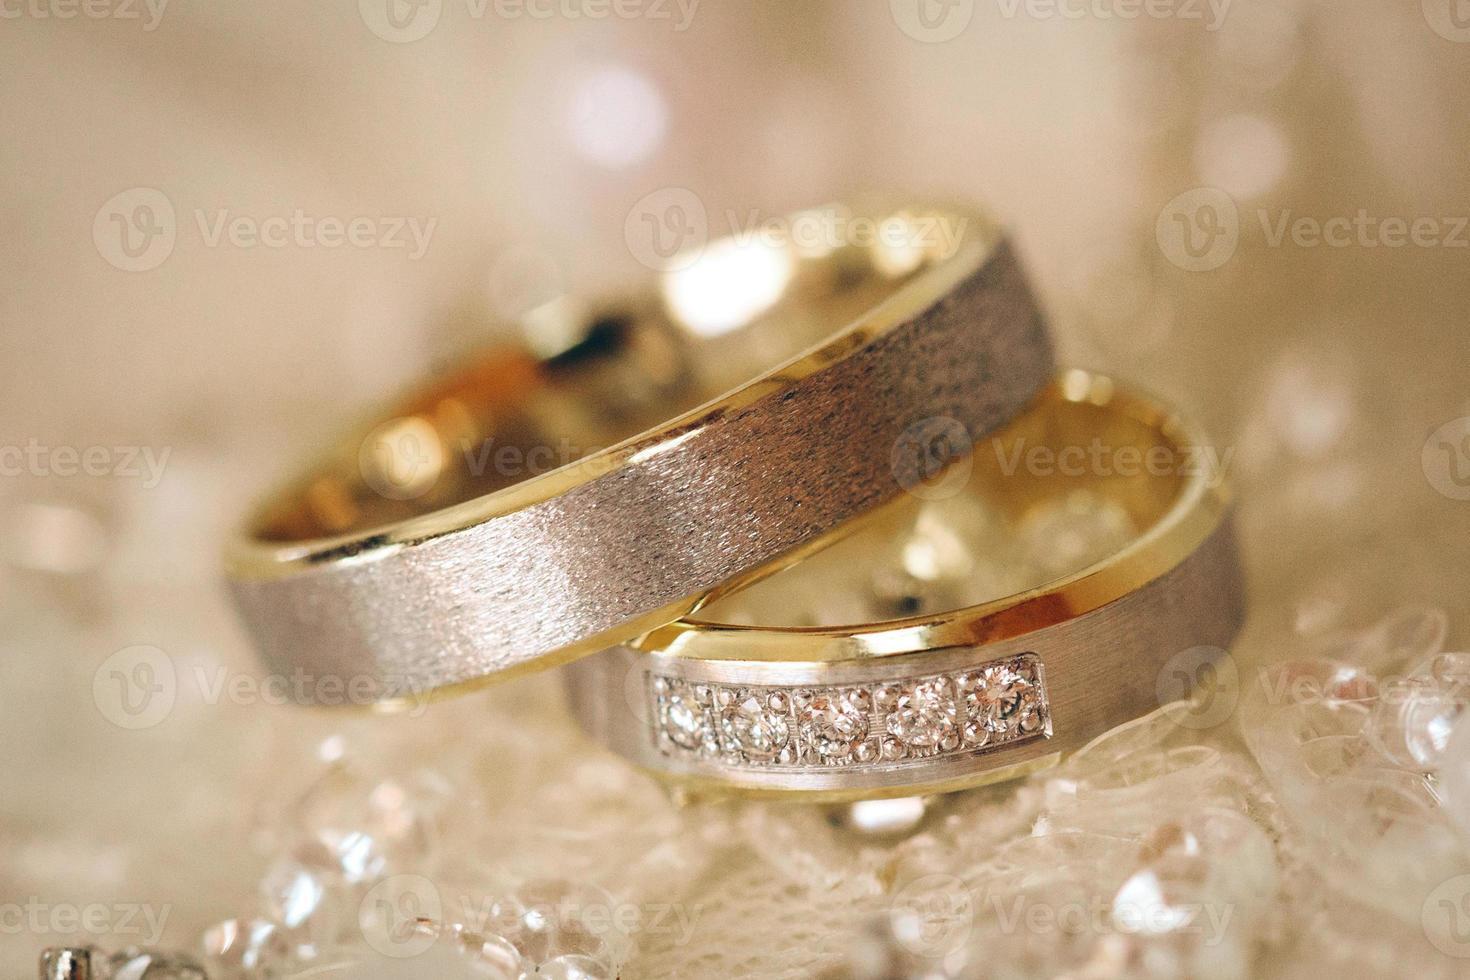 alianças de casamento. dof raso foto